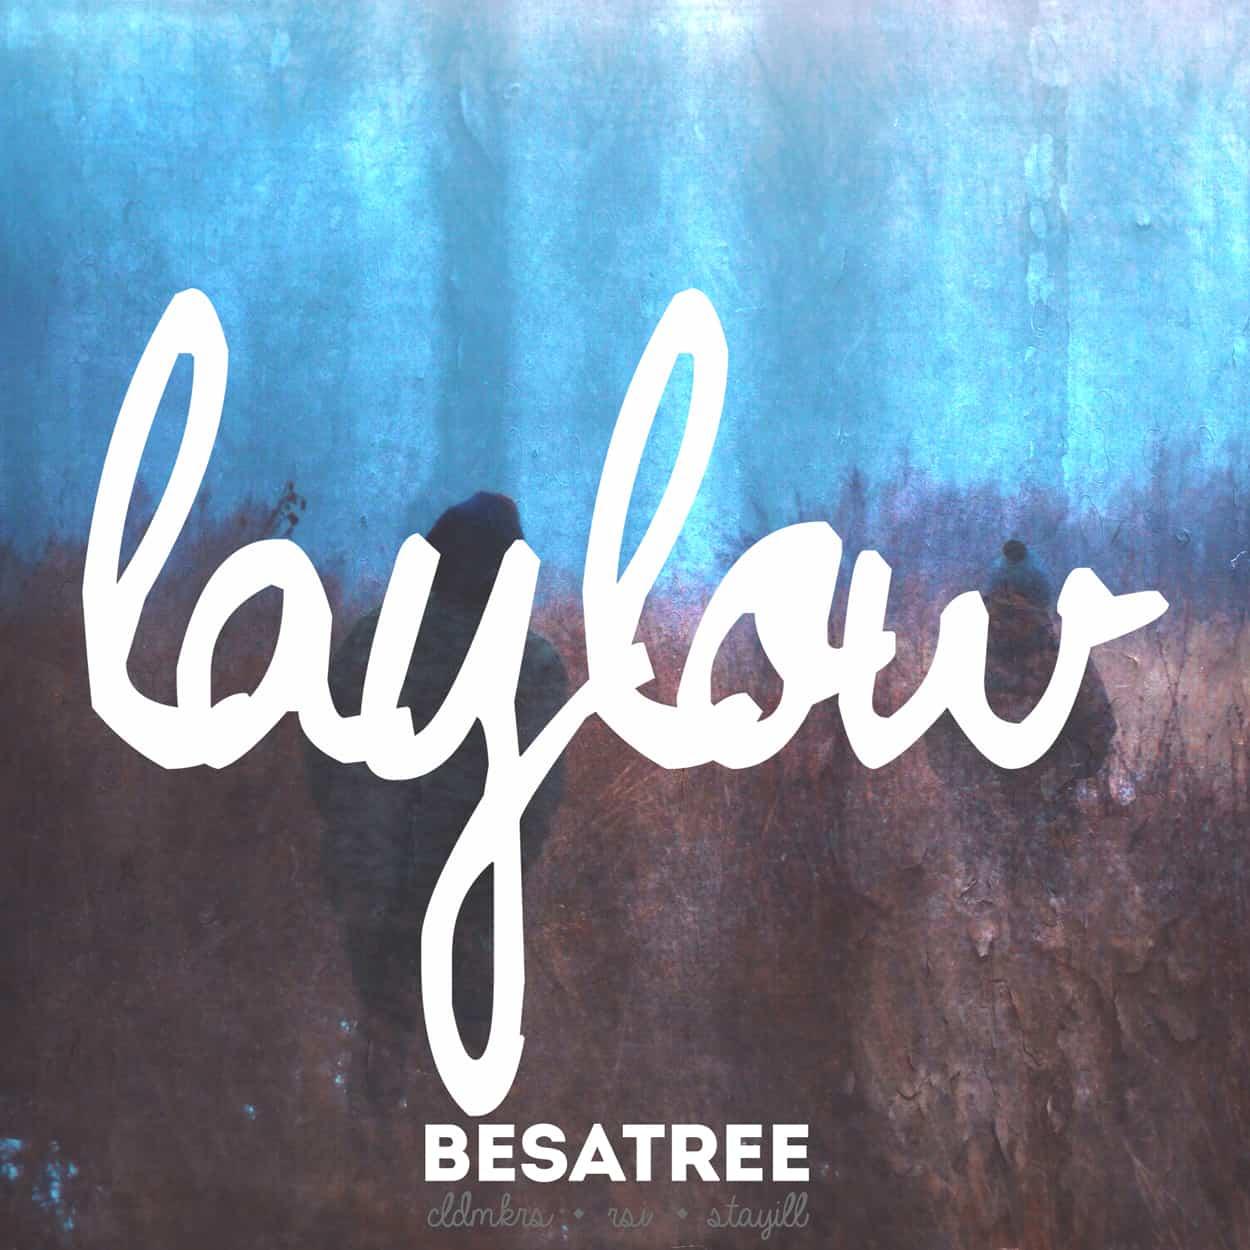 lay low - album art design